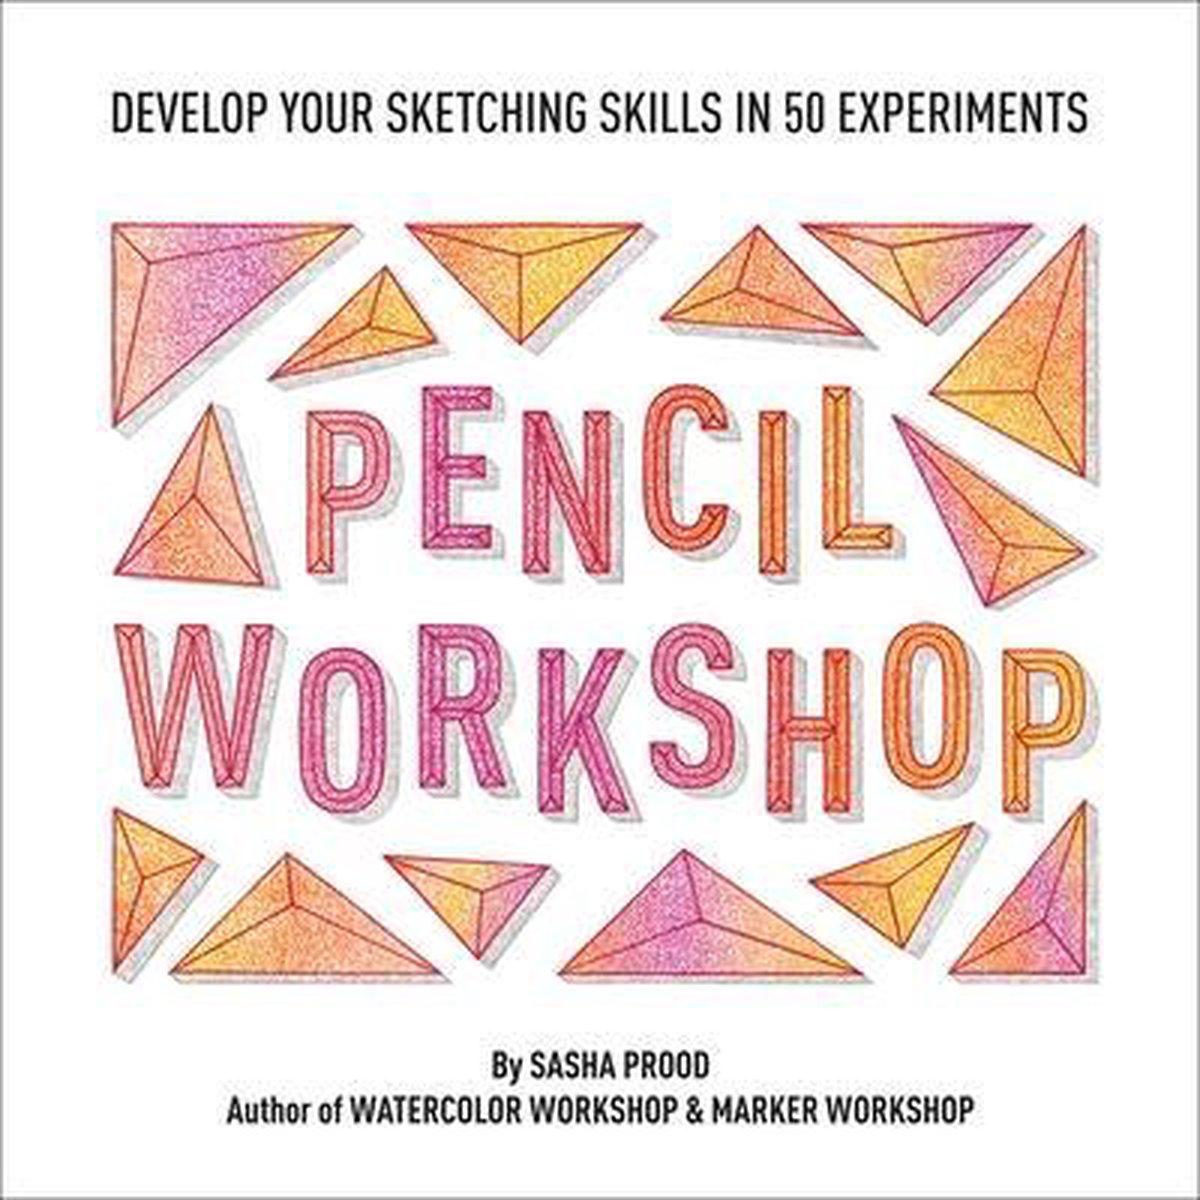 Pencil Workshop (Guided Sketchbook)